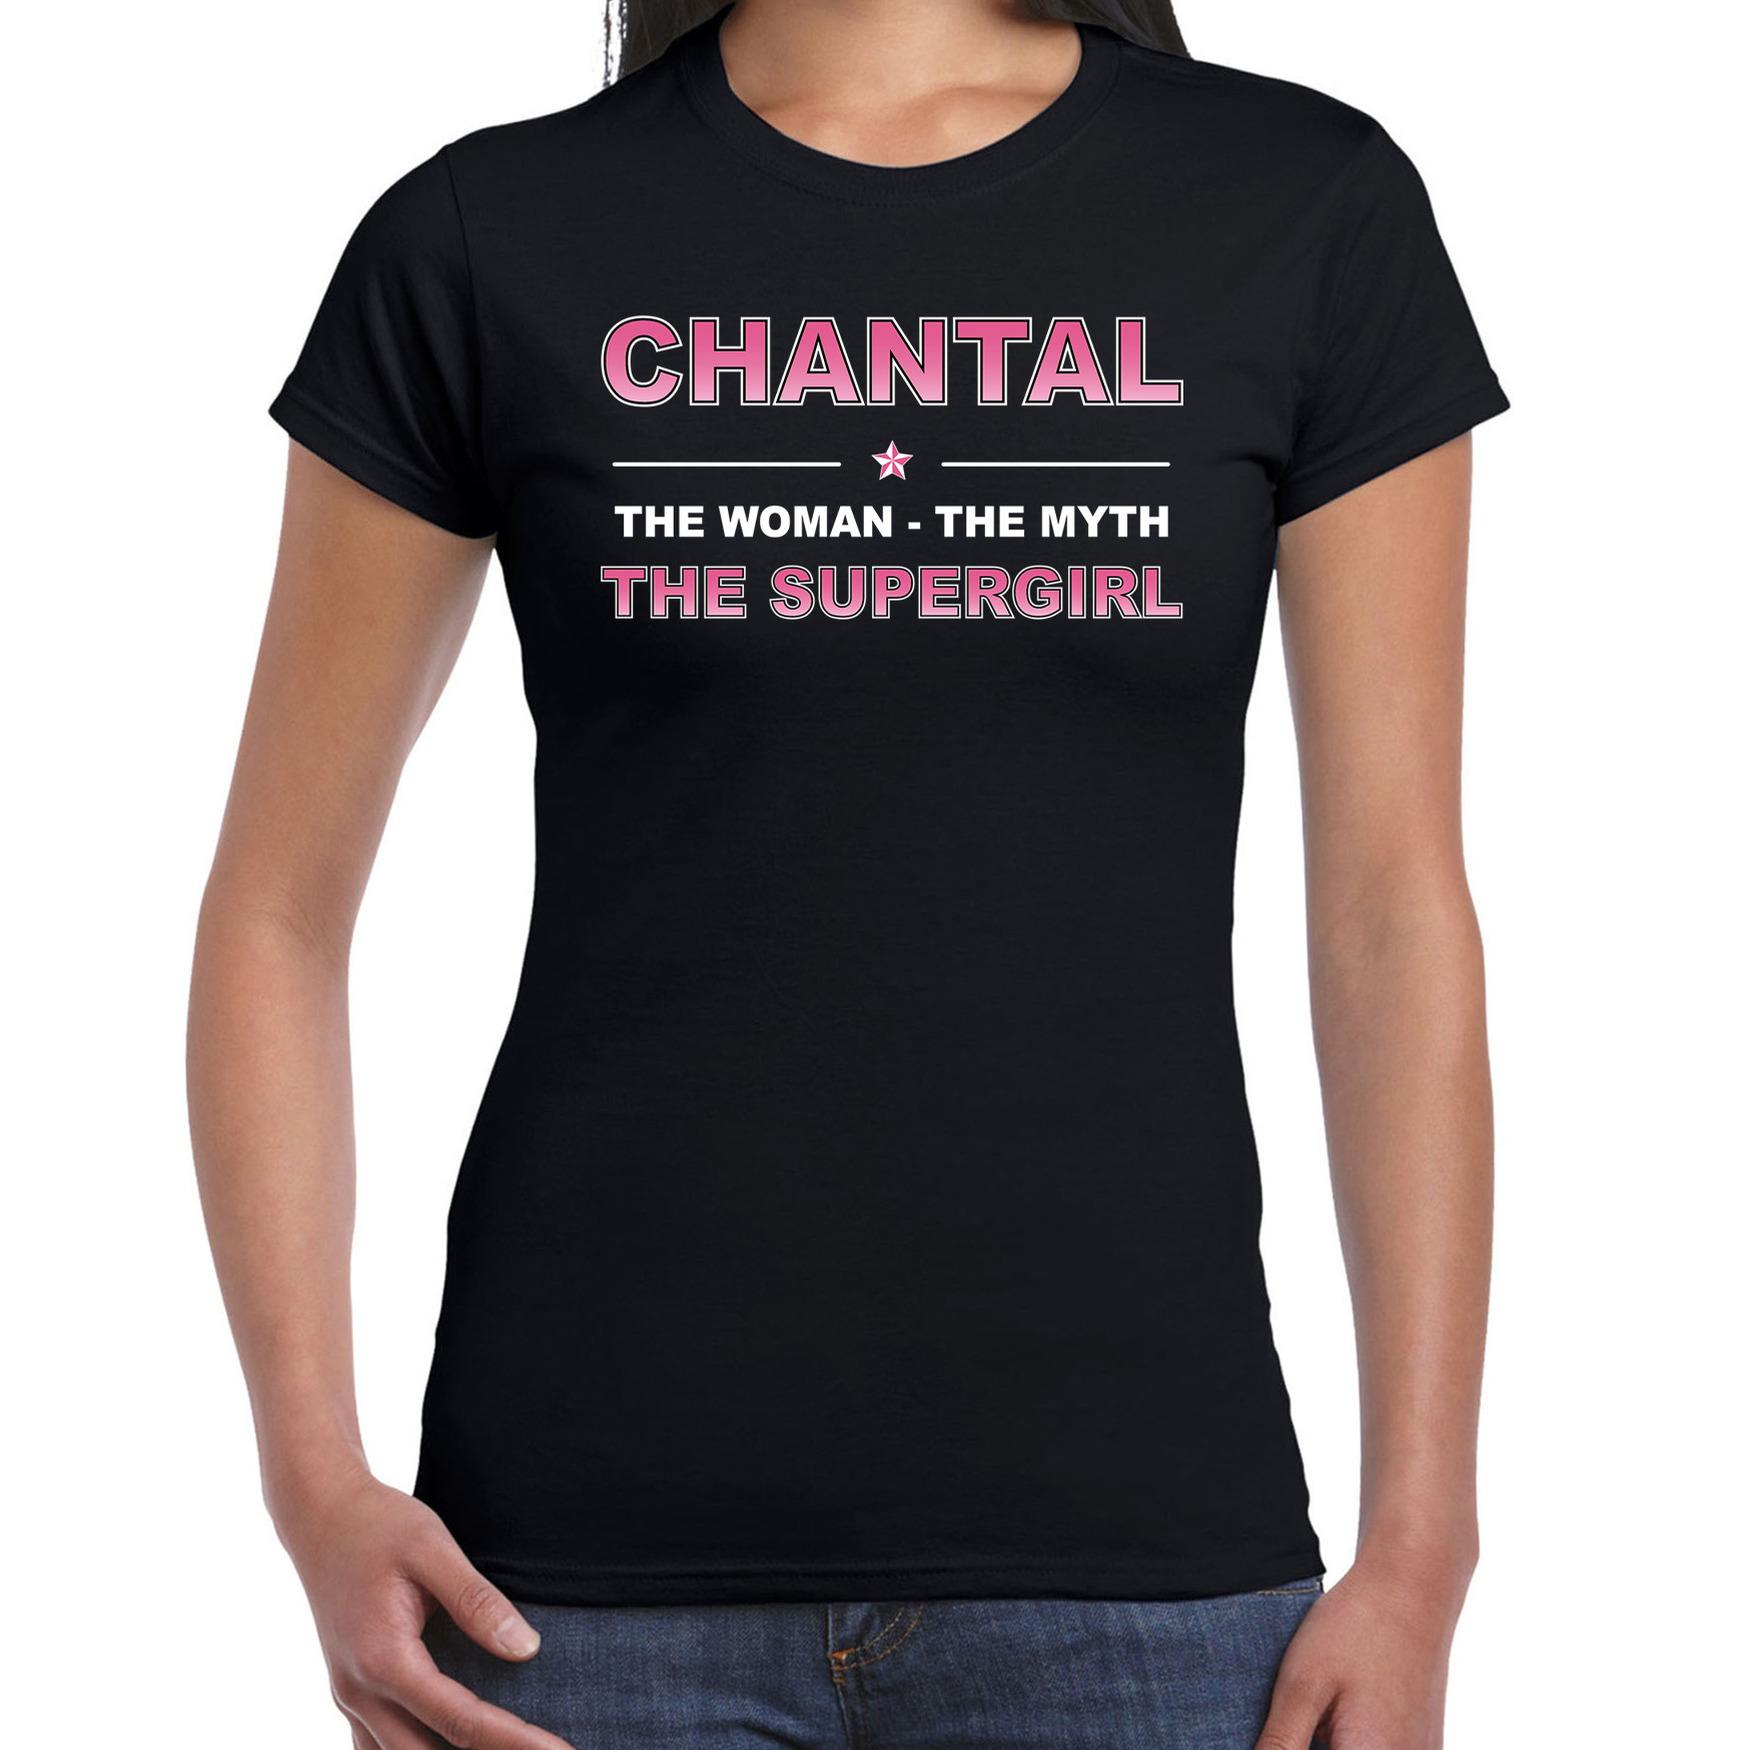 Naam cadeau t-shirt / shirt Chantal - the supergirl zwart voor dames